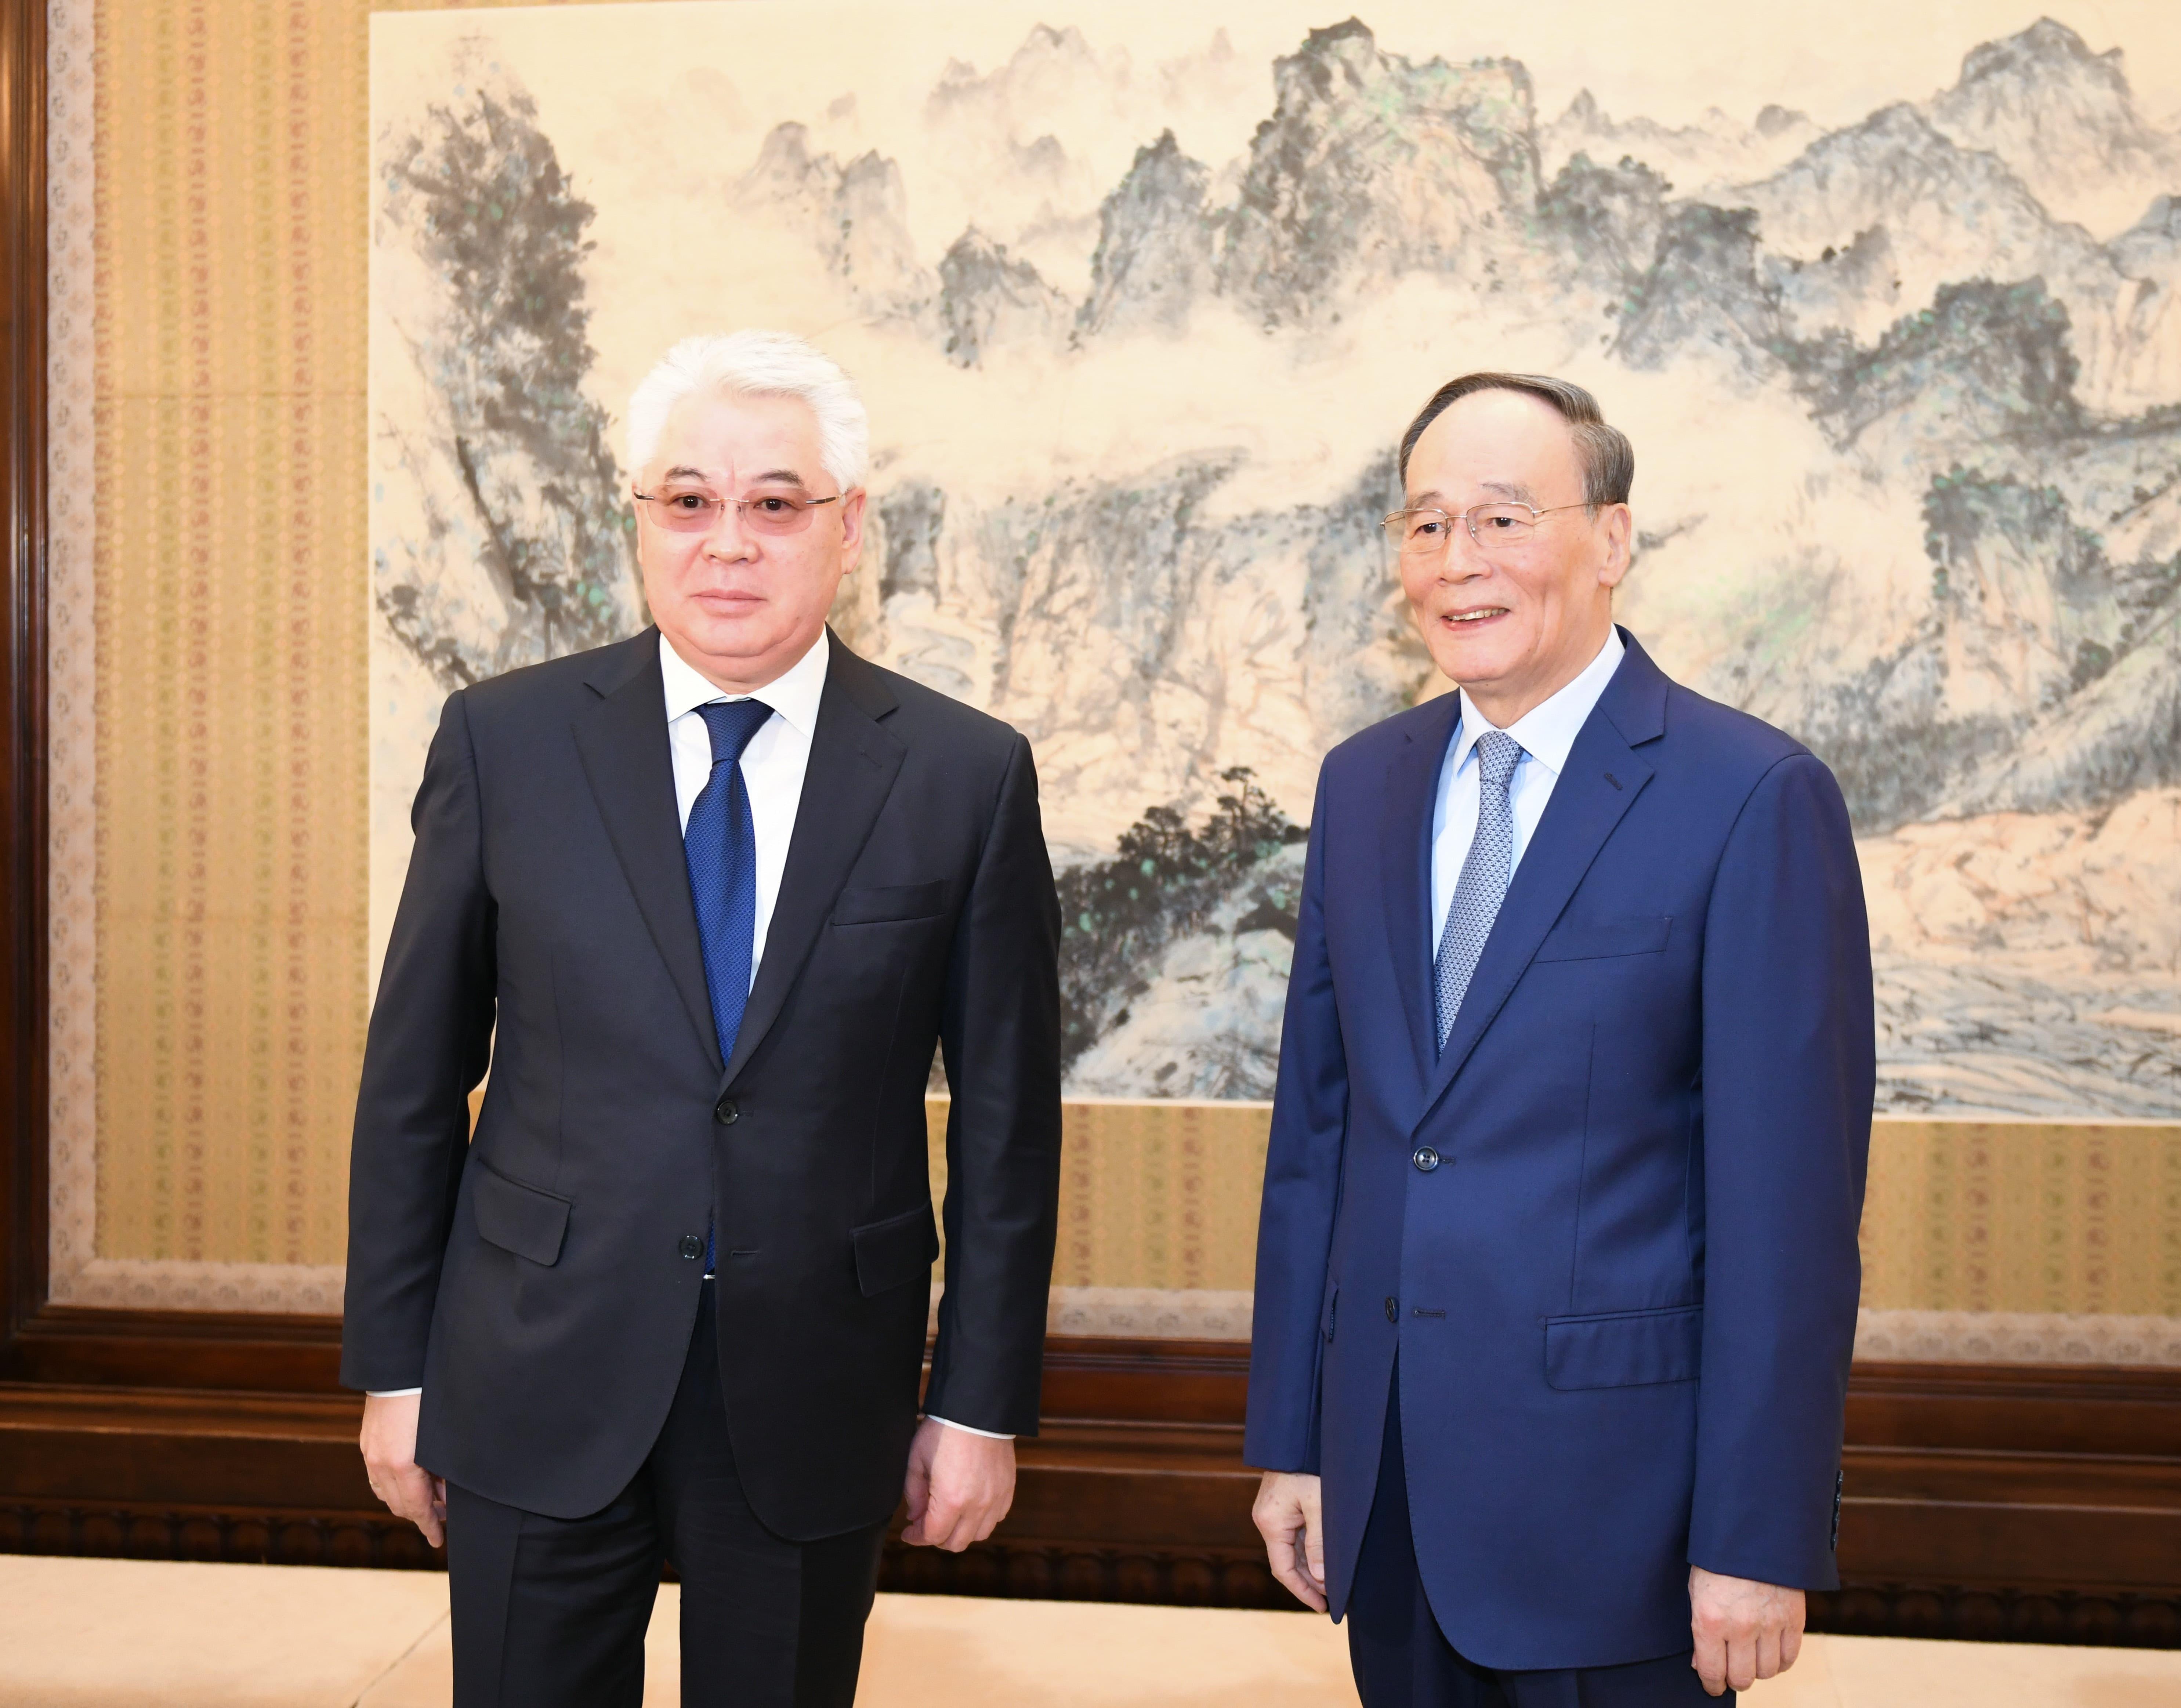 В решении Нурсултана Назарбаева прослеживается глубокая любовь к своей стране – зампред КНР